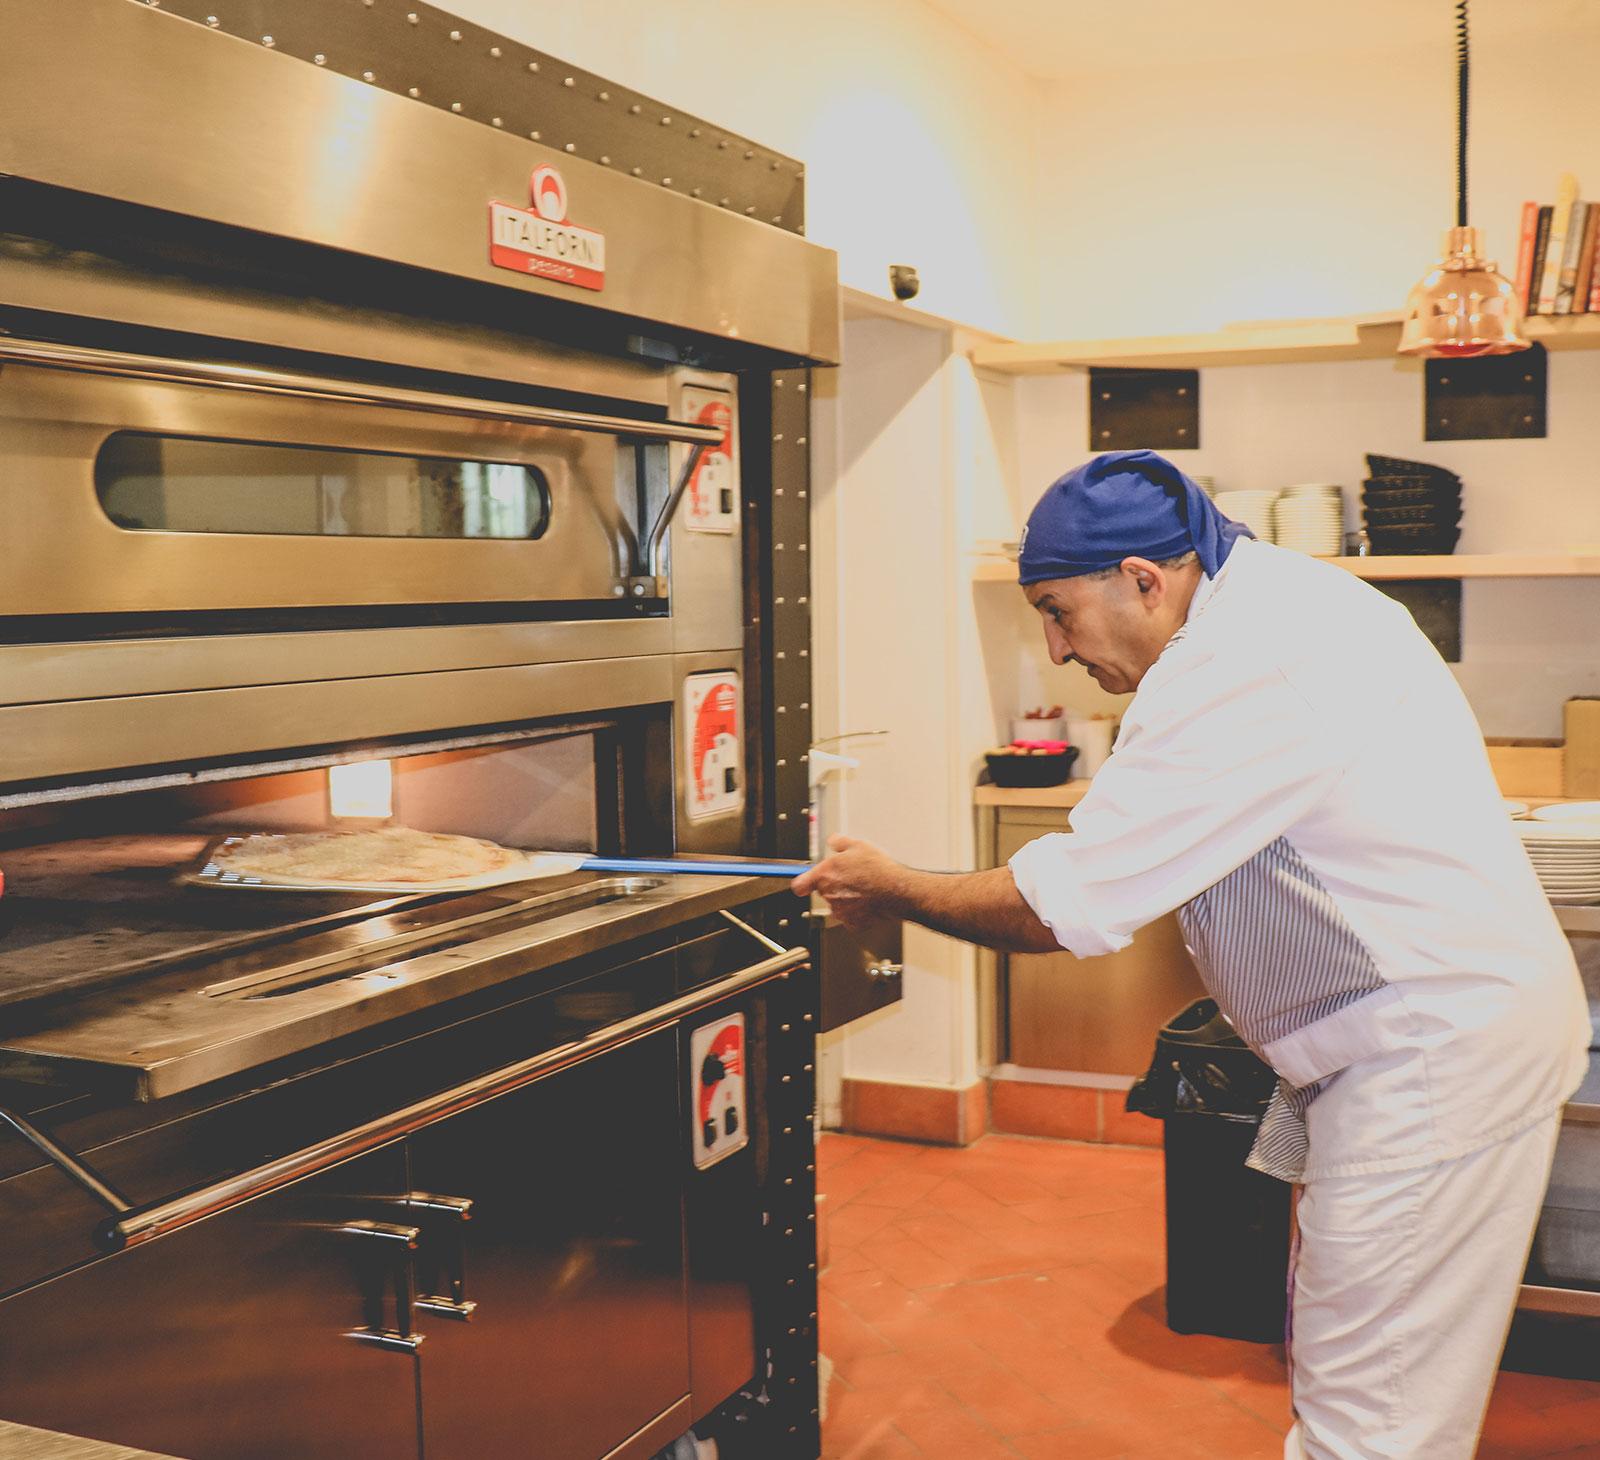 Doppeleiche_Restaurant_Pizzeria_Hotel_Fehmarn_IMG_2_9948_1600_cropped.jpg